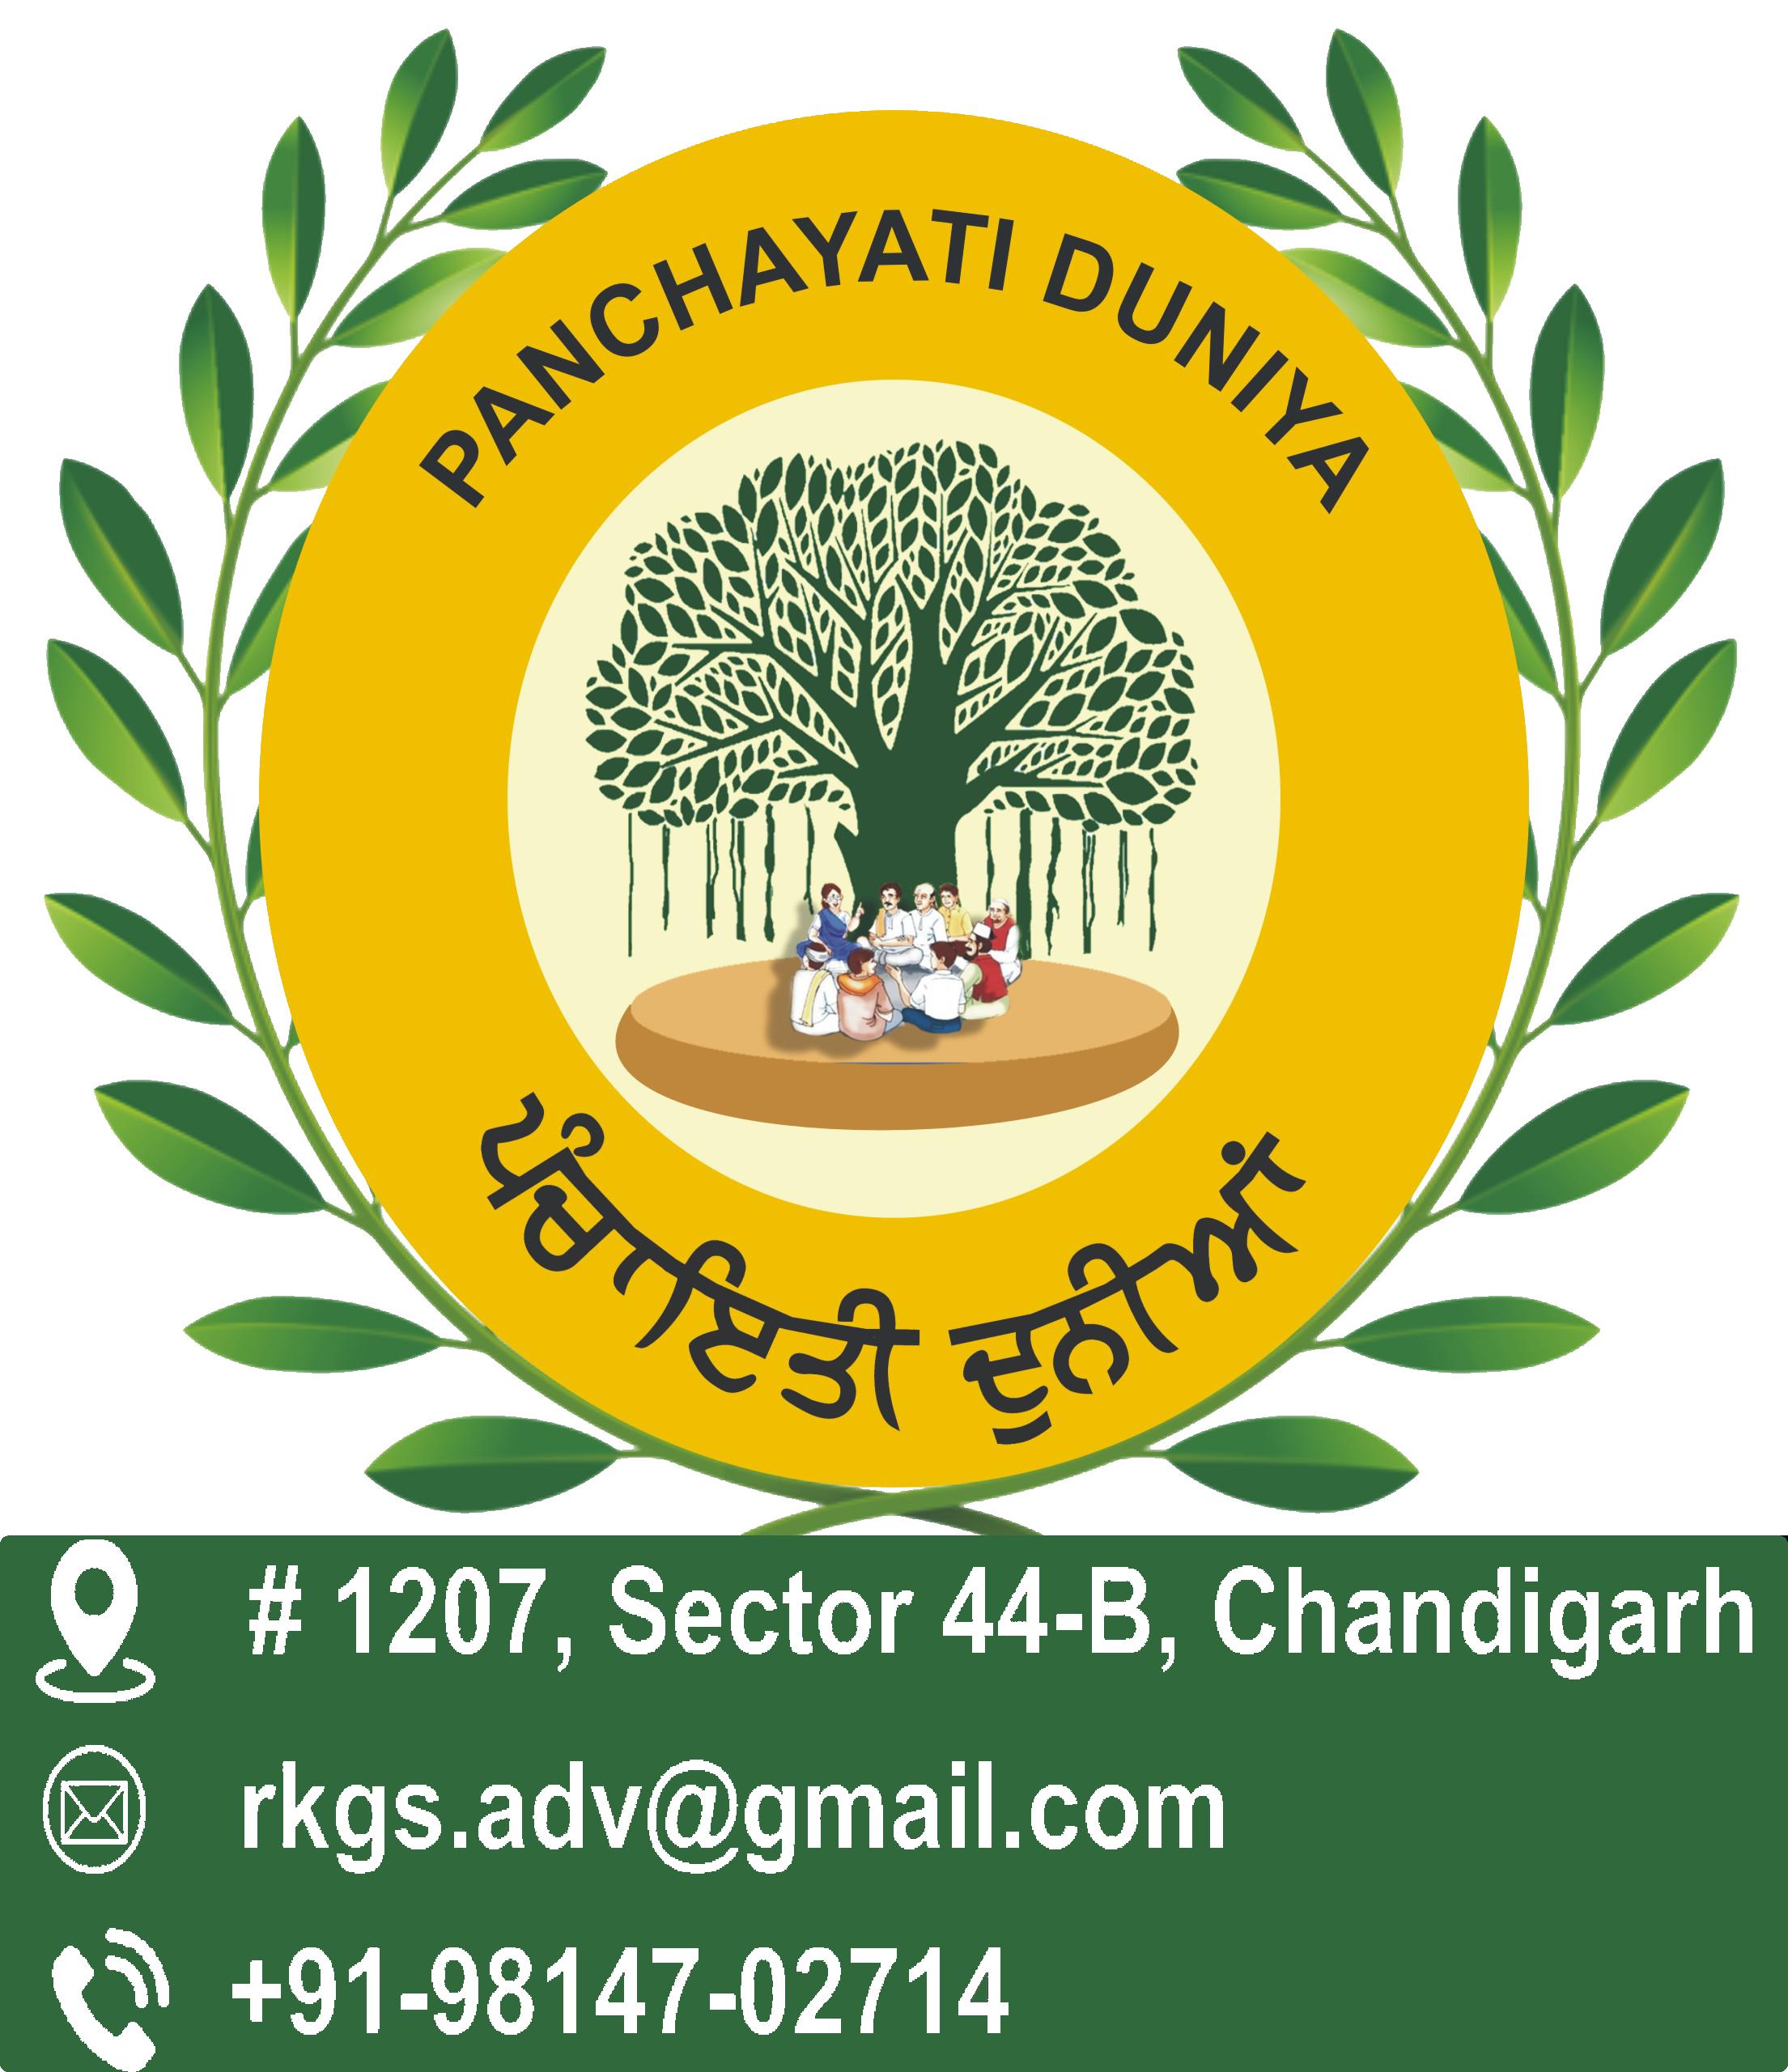 Panchayatiduniya Laws